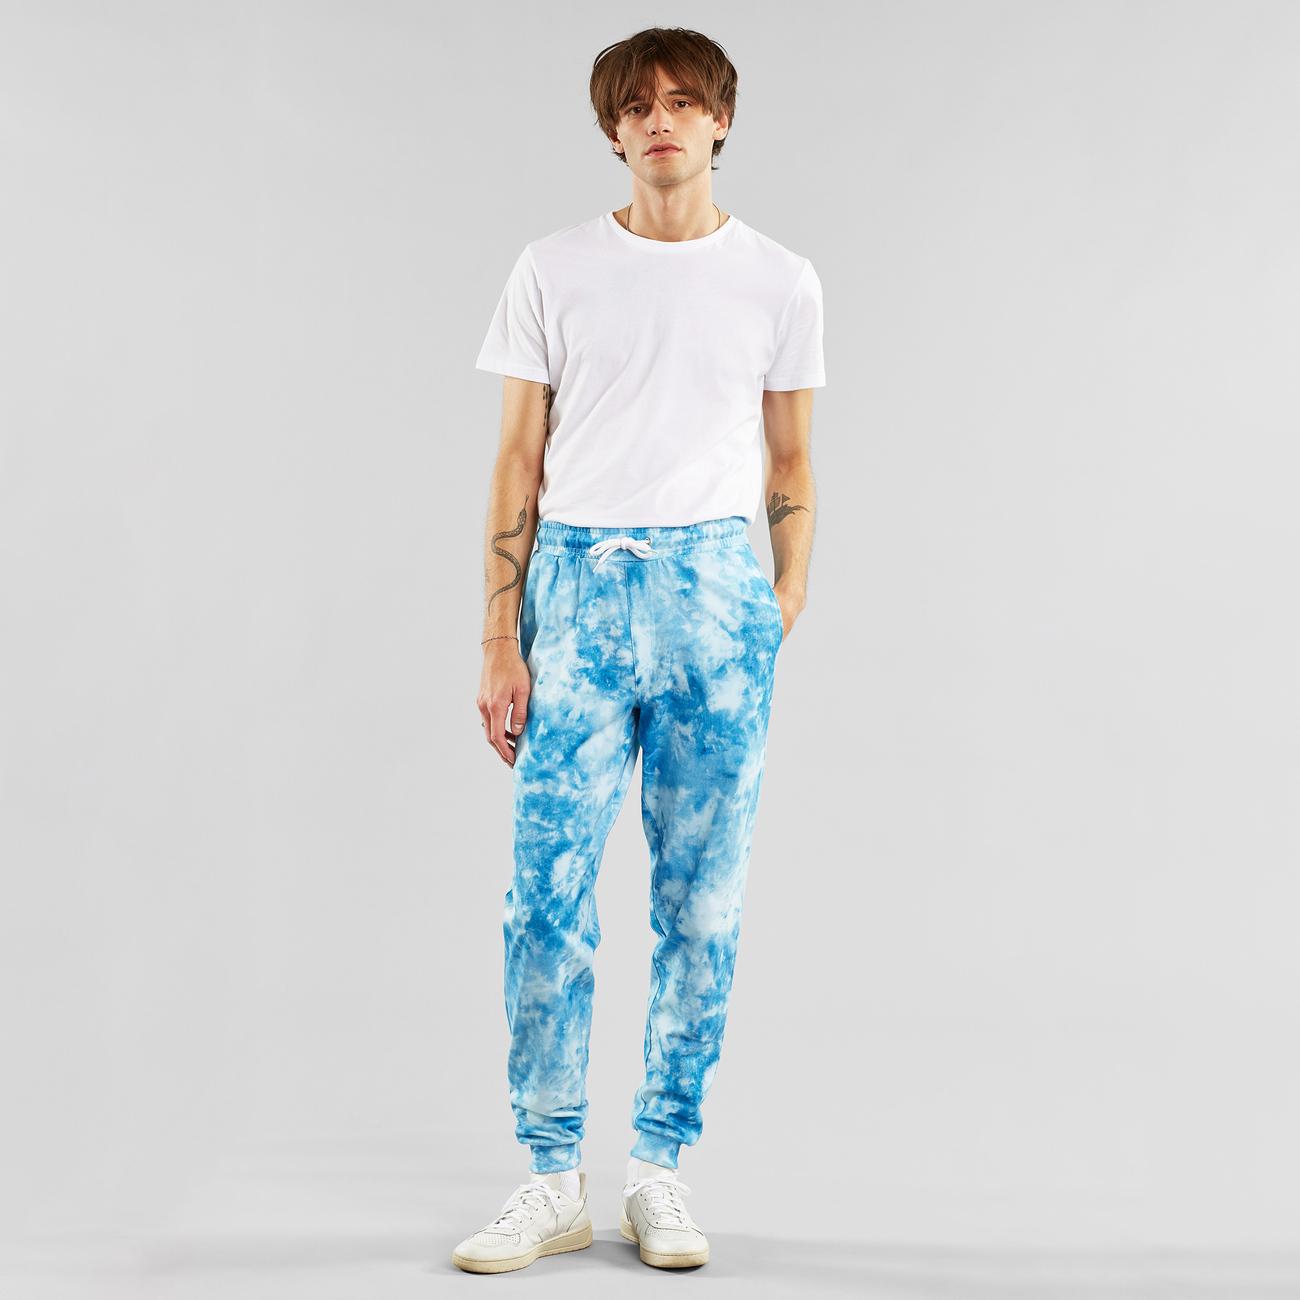 Joggers Lund Tie Dye Blue